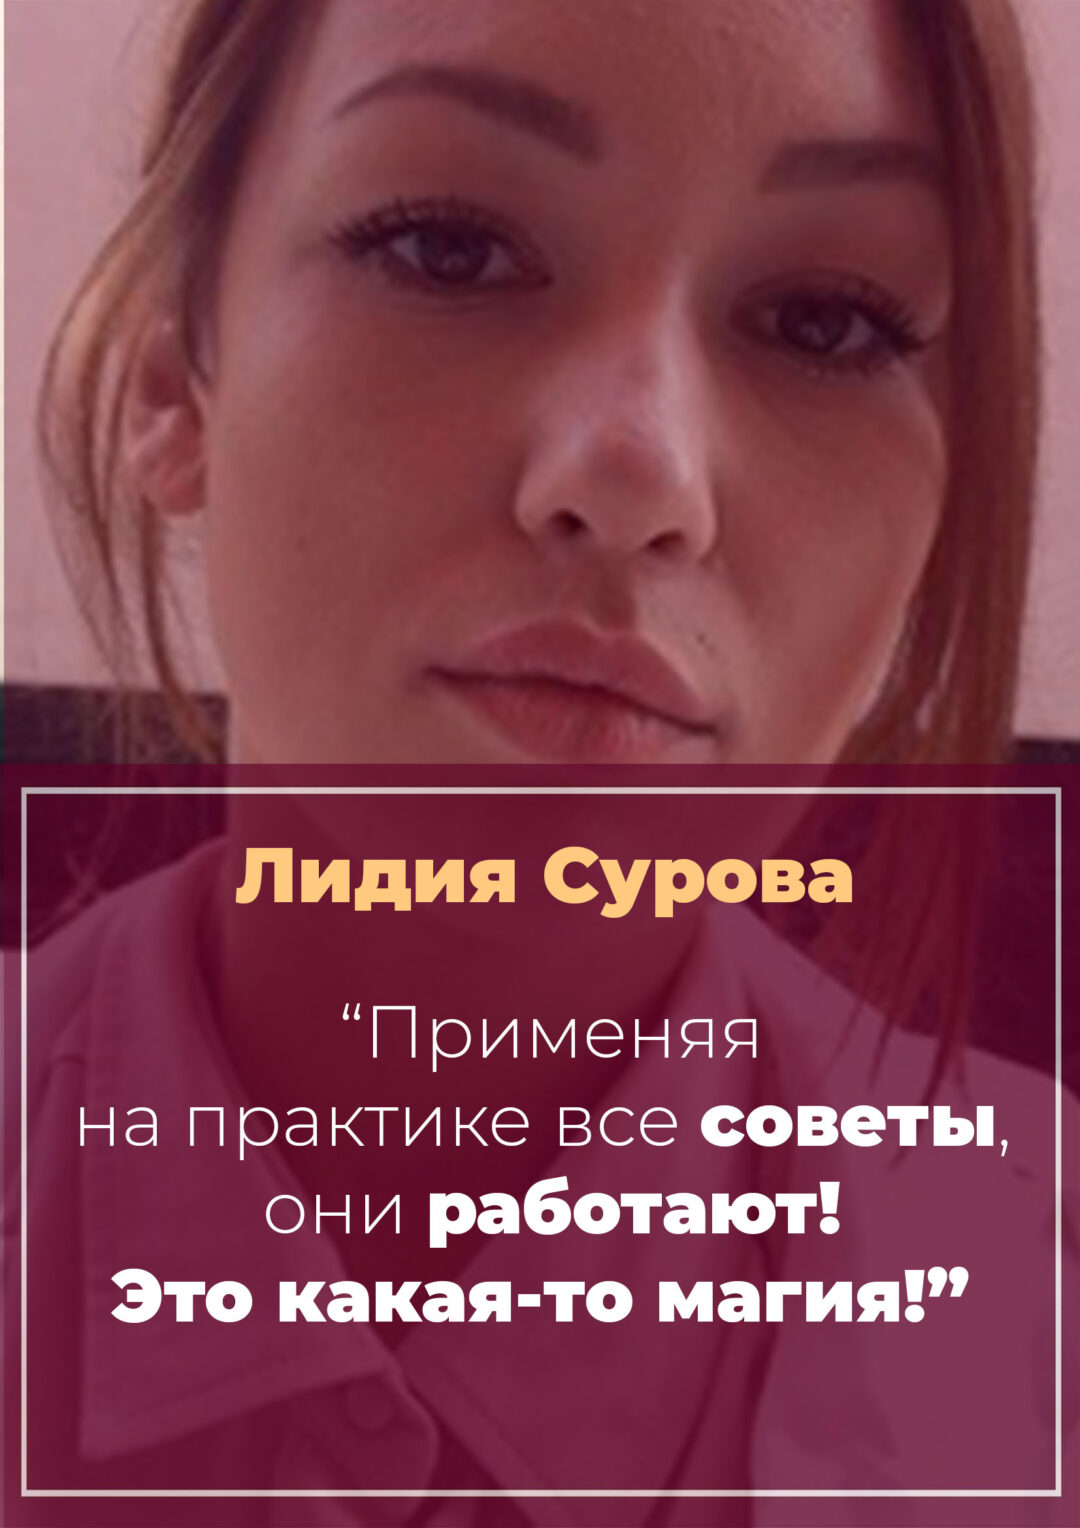 История Лидии Суровой